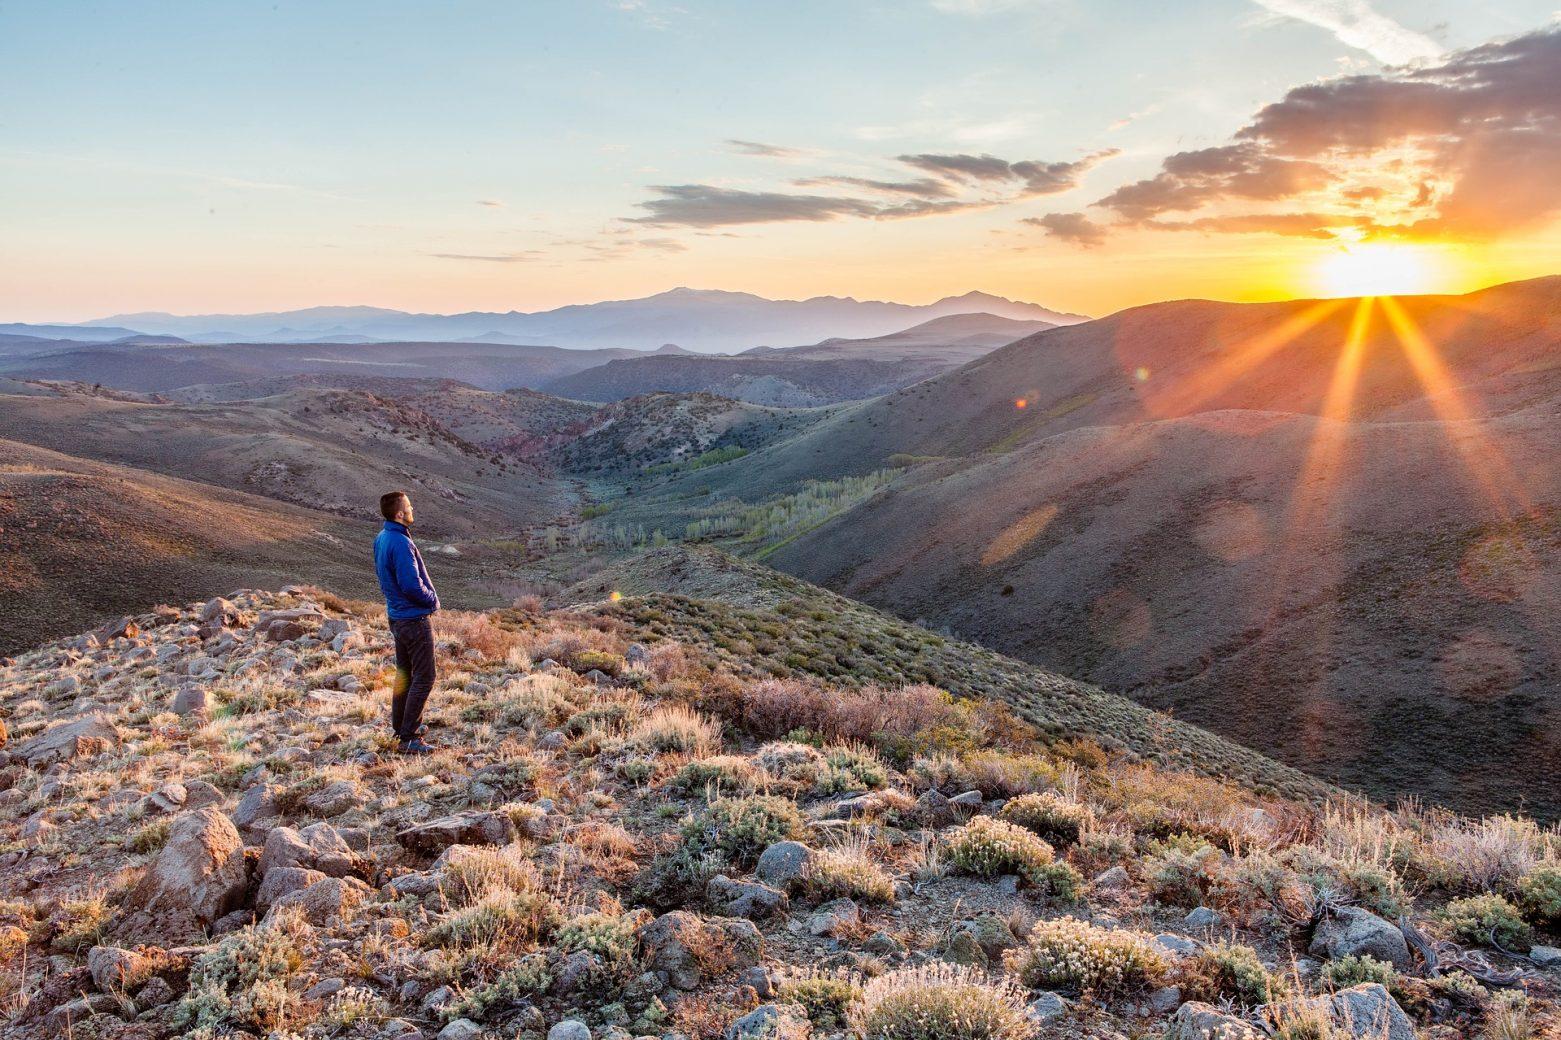 seul en montagne people 2598455 1920 - Faites monter en flèche vos chances d'atteindre vos objectifs